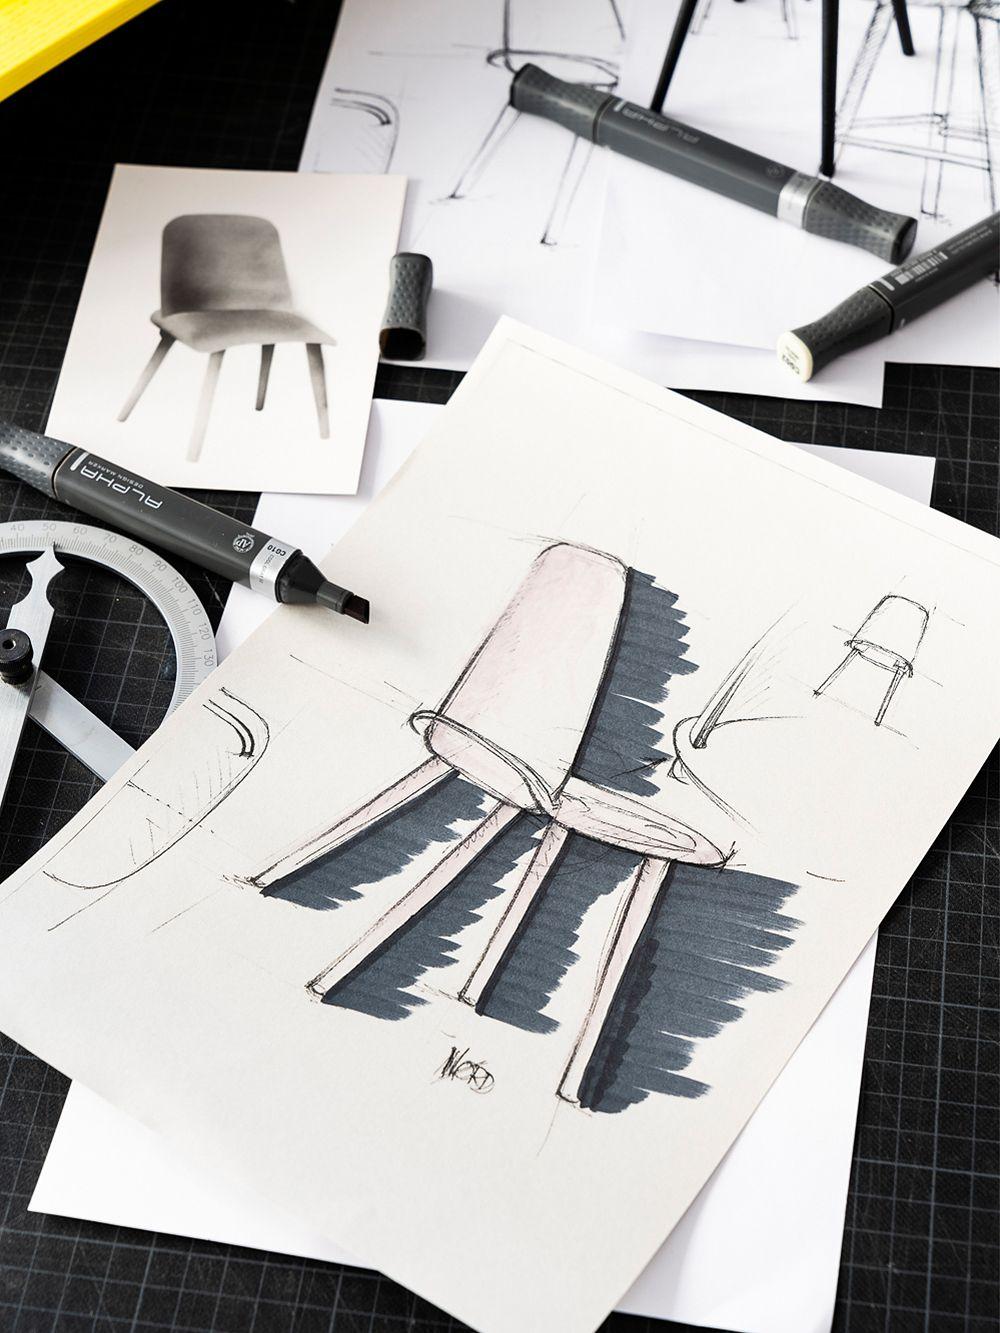 Teknisiä piirustuksia Muuton Nerd-tuolista.